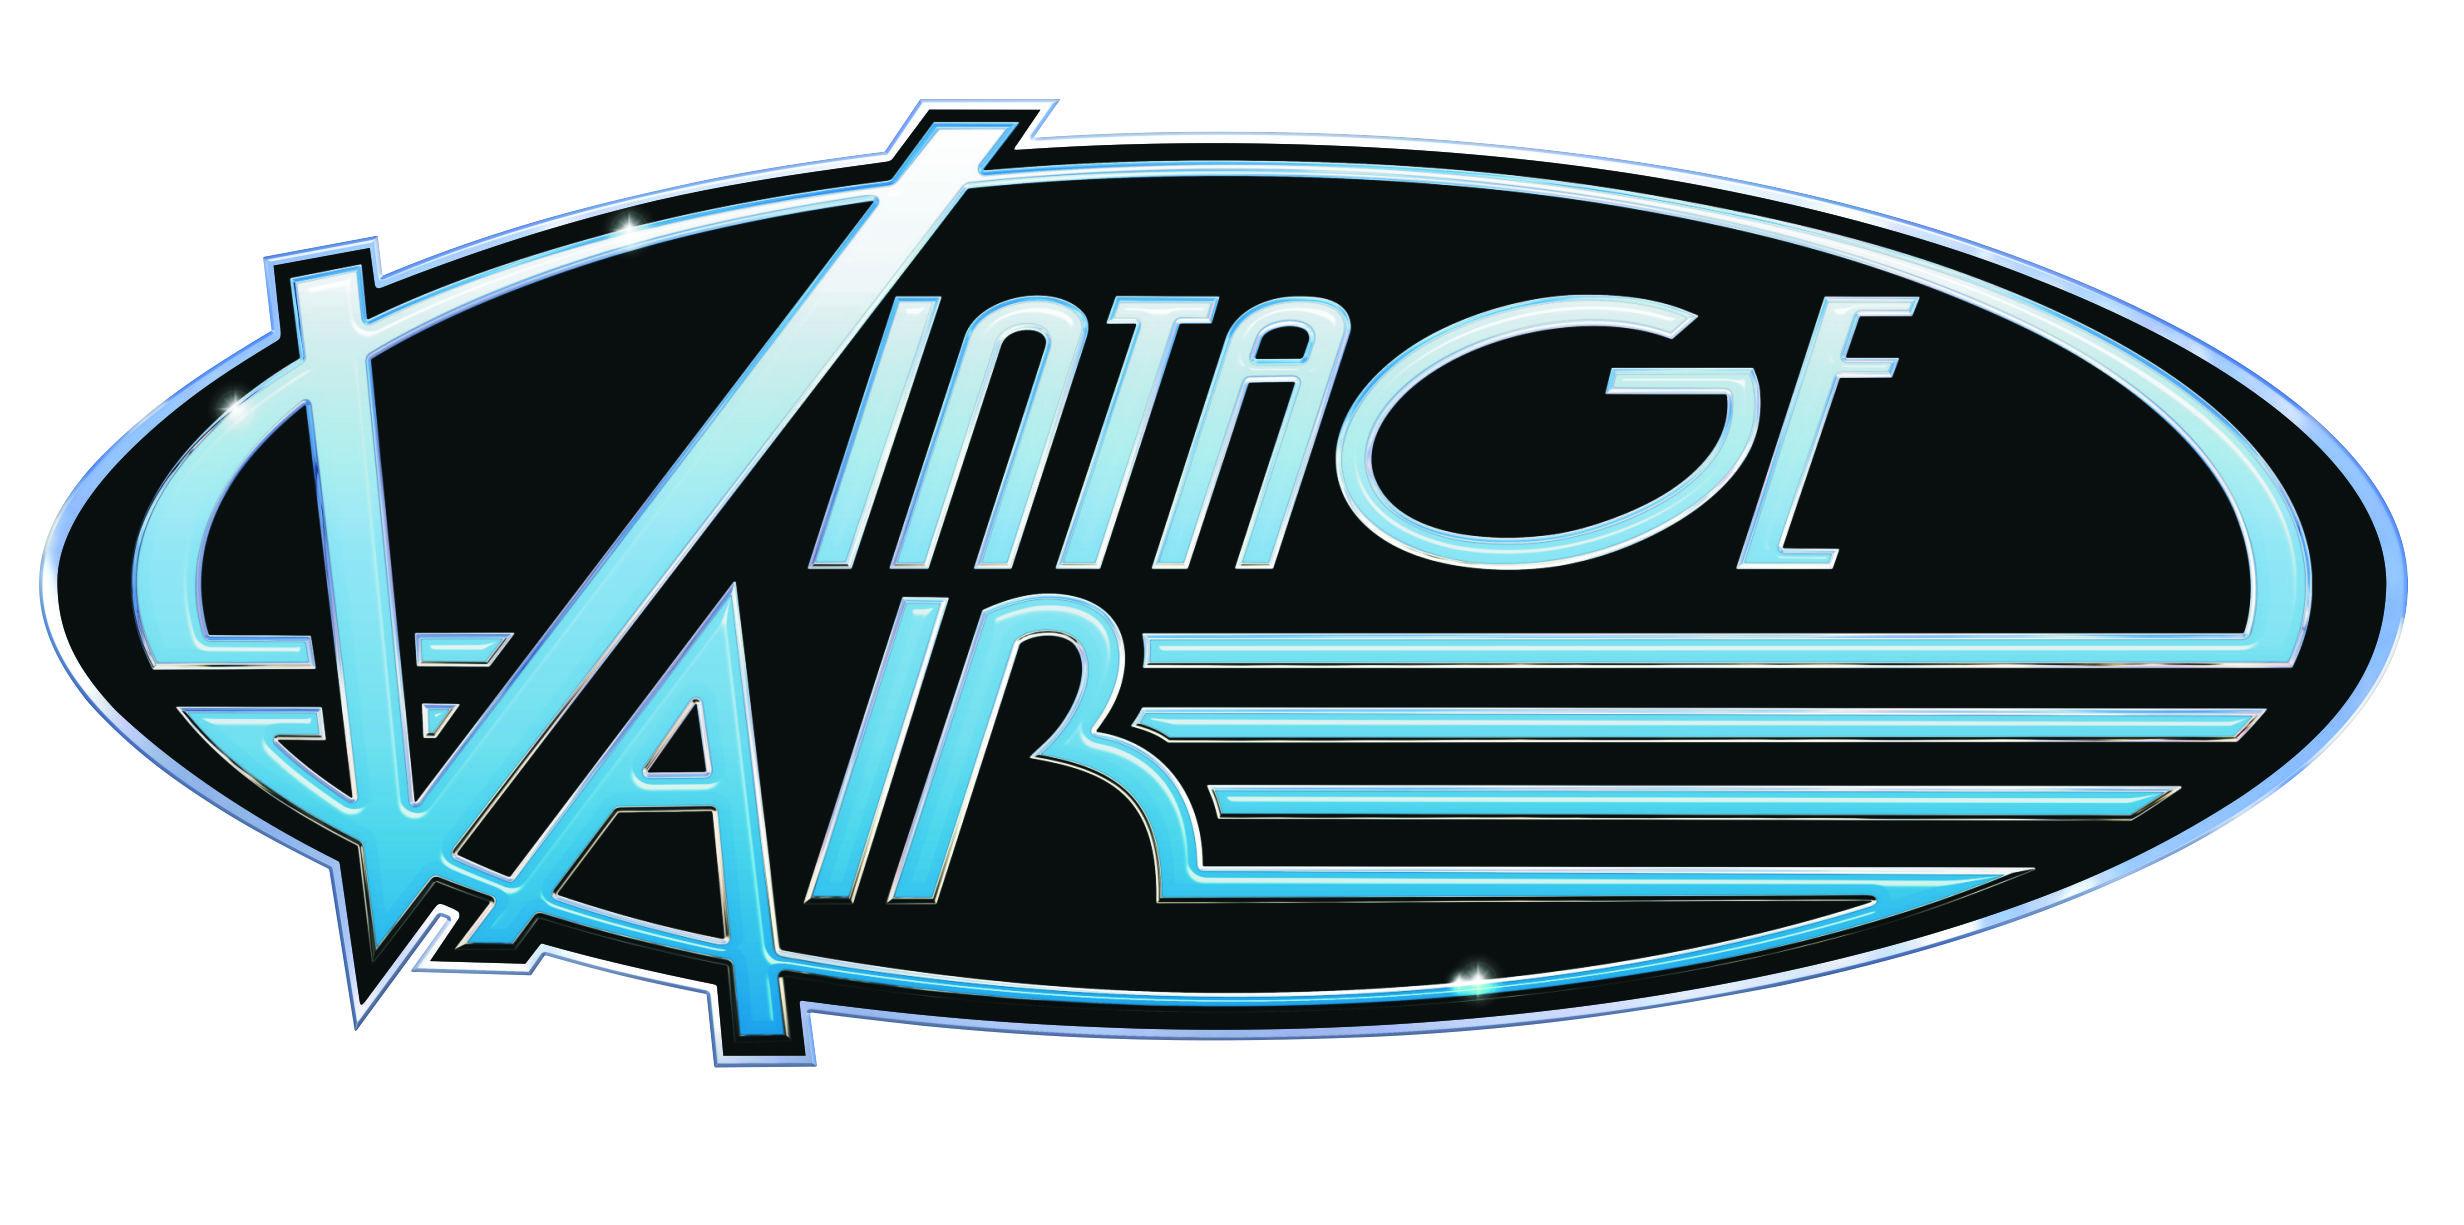 vintage air parts vintage air conditioning kits vintage air wiring diagram vacuum #6